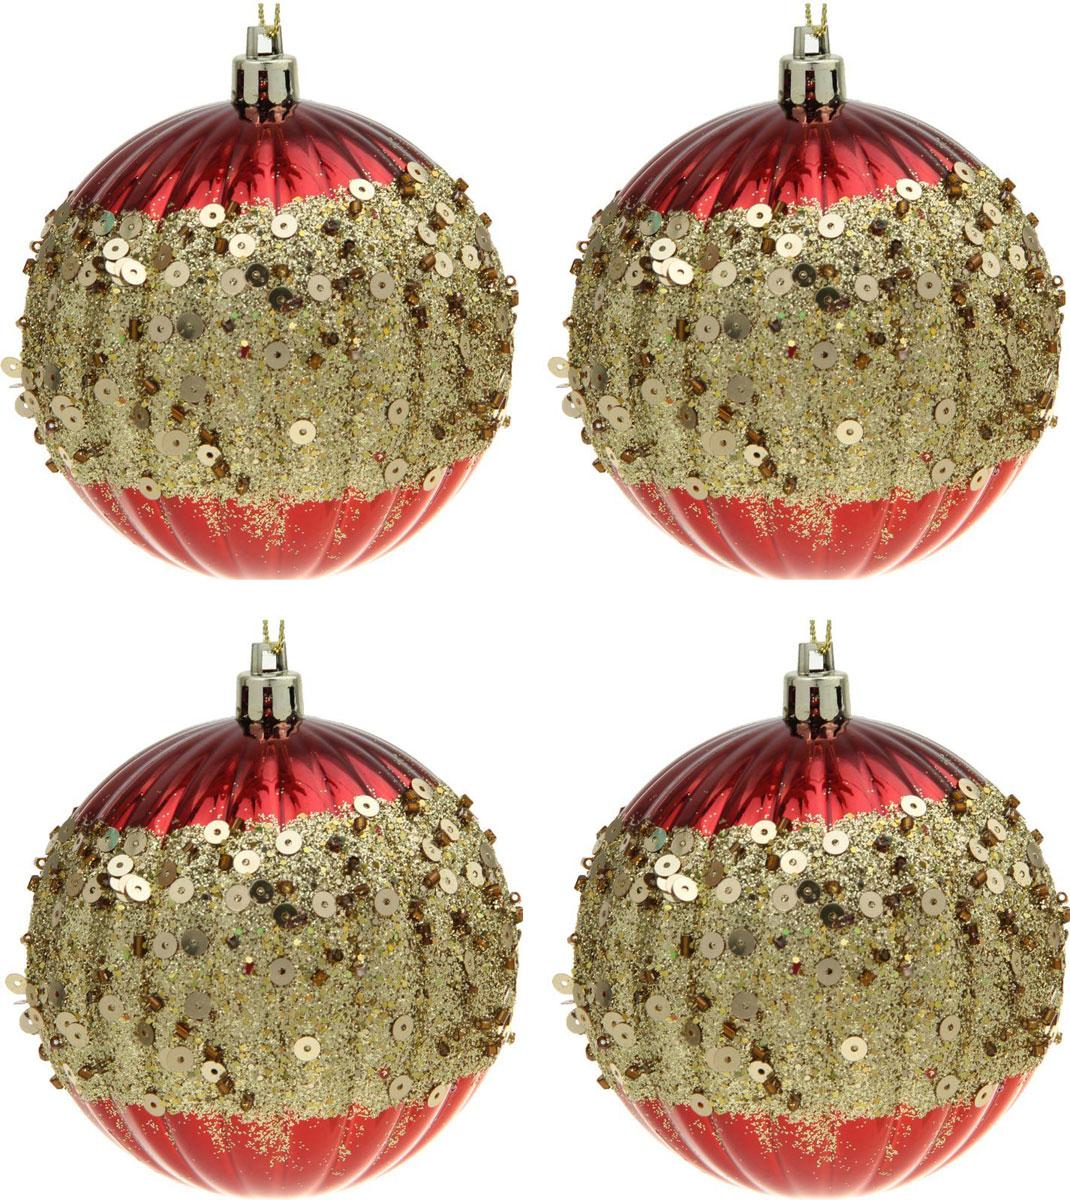 Набор новогодних подвесных украшений Sima-land Сумерки, цвет: красный, золотистый, диаметр 8 см, 4 шт1310215Невозможно представить нашу жизнь без праздников! Мы всегда ждём их и предвкушаем, обдумываем, как проведём памятный день, тщательно выбираем подарки и аксессуары, ведь именно они создают и поддерживают торжественный настрой.